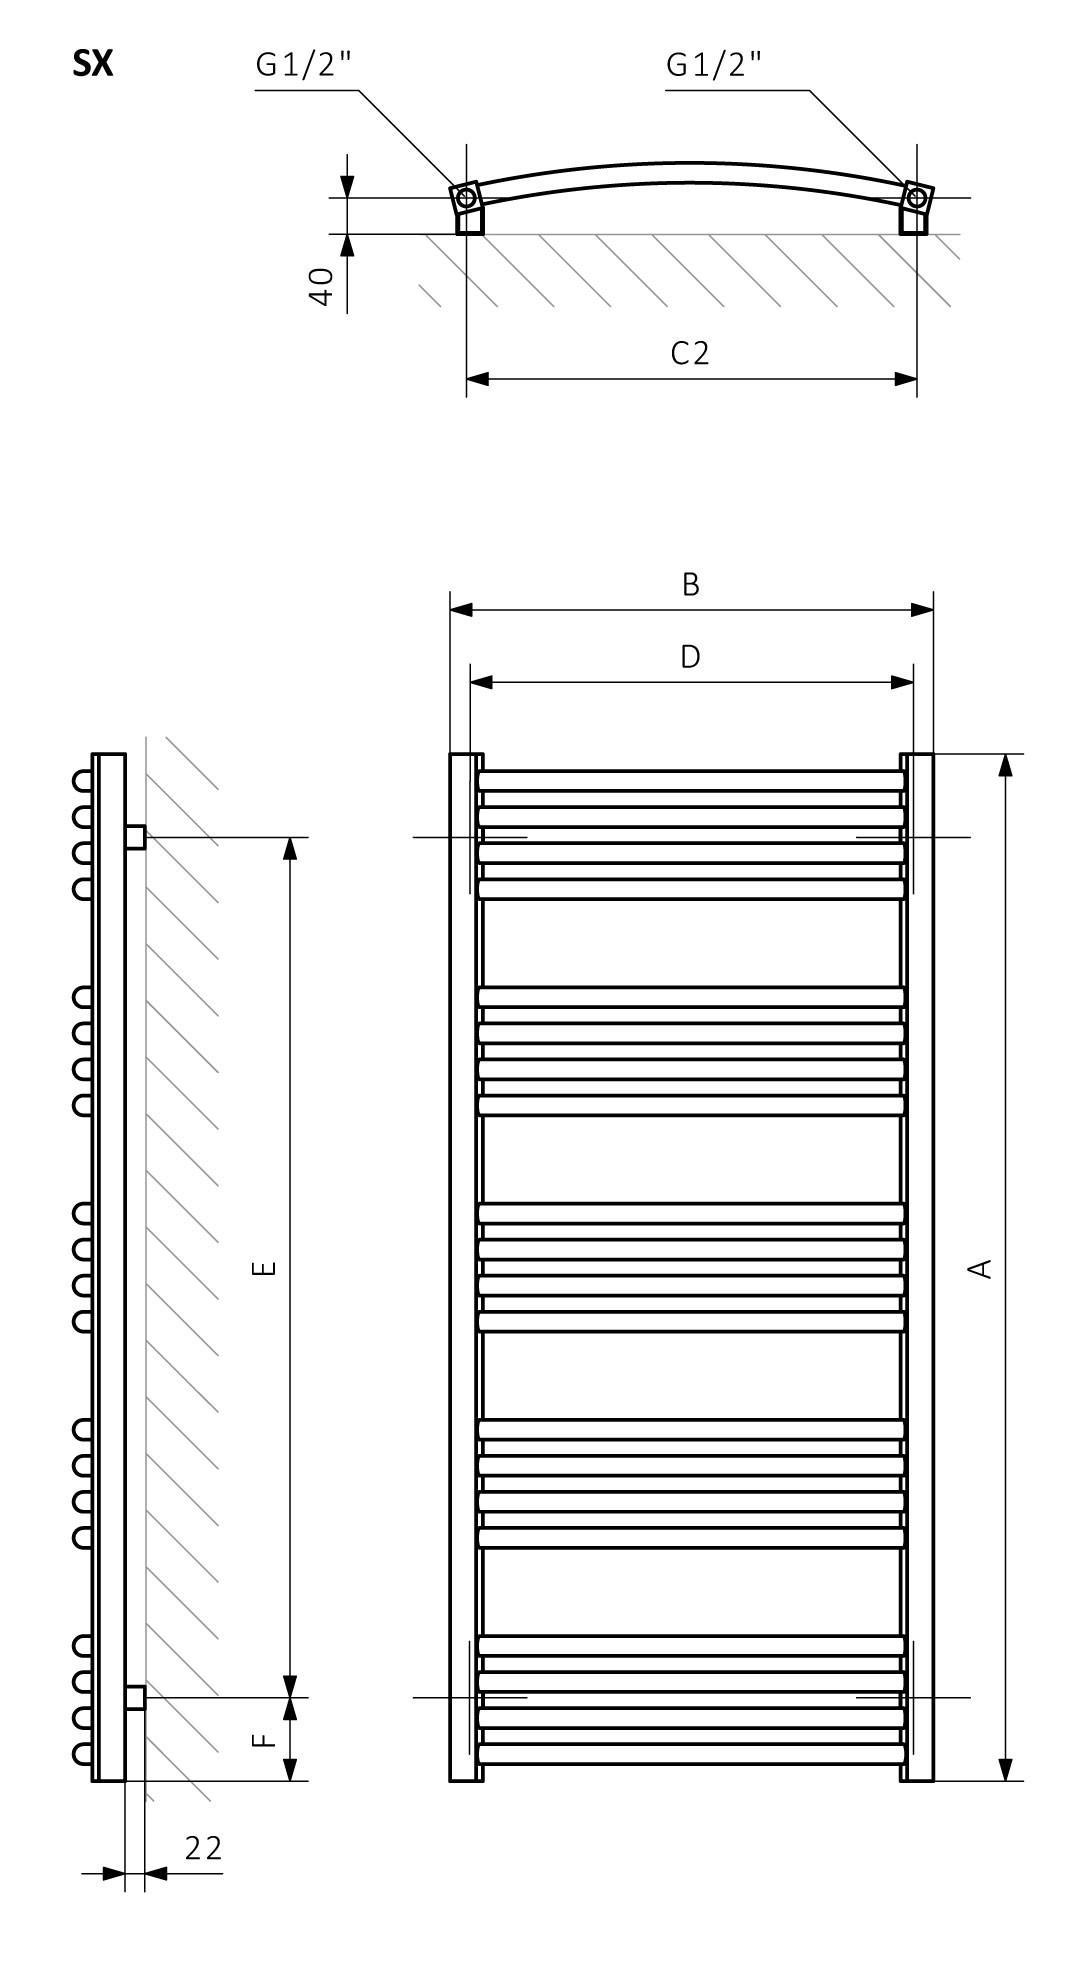 A - hauteur B - largeur C1-C5 - espacement des connexions D - distance entre les fixations à l'horizontale E - distance entre les dispositifs en F verticale - distance entre l'axe inférieur des fixations et le bord inférieur du collecteur